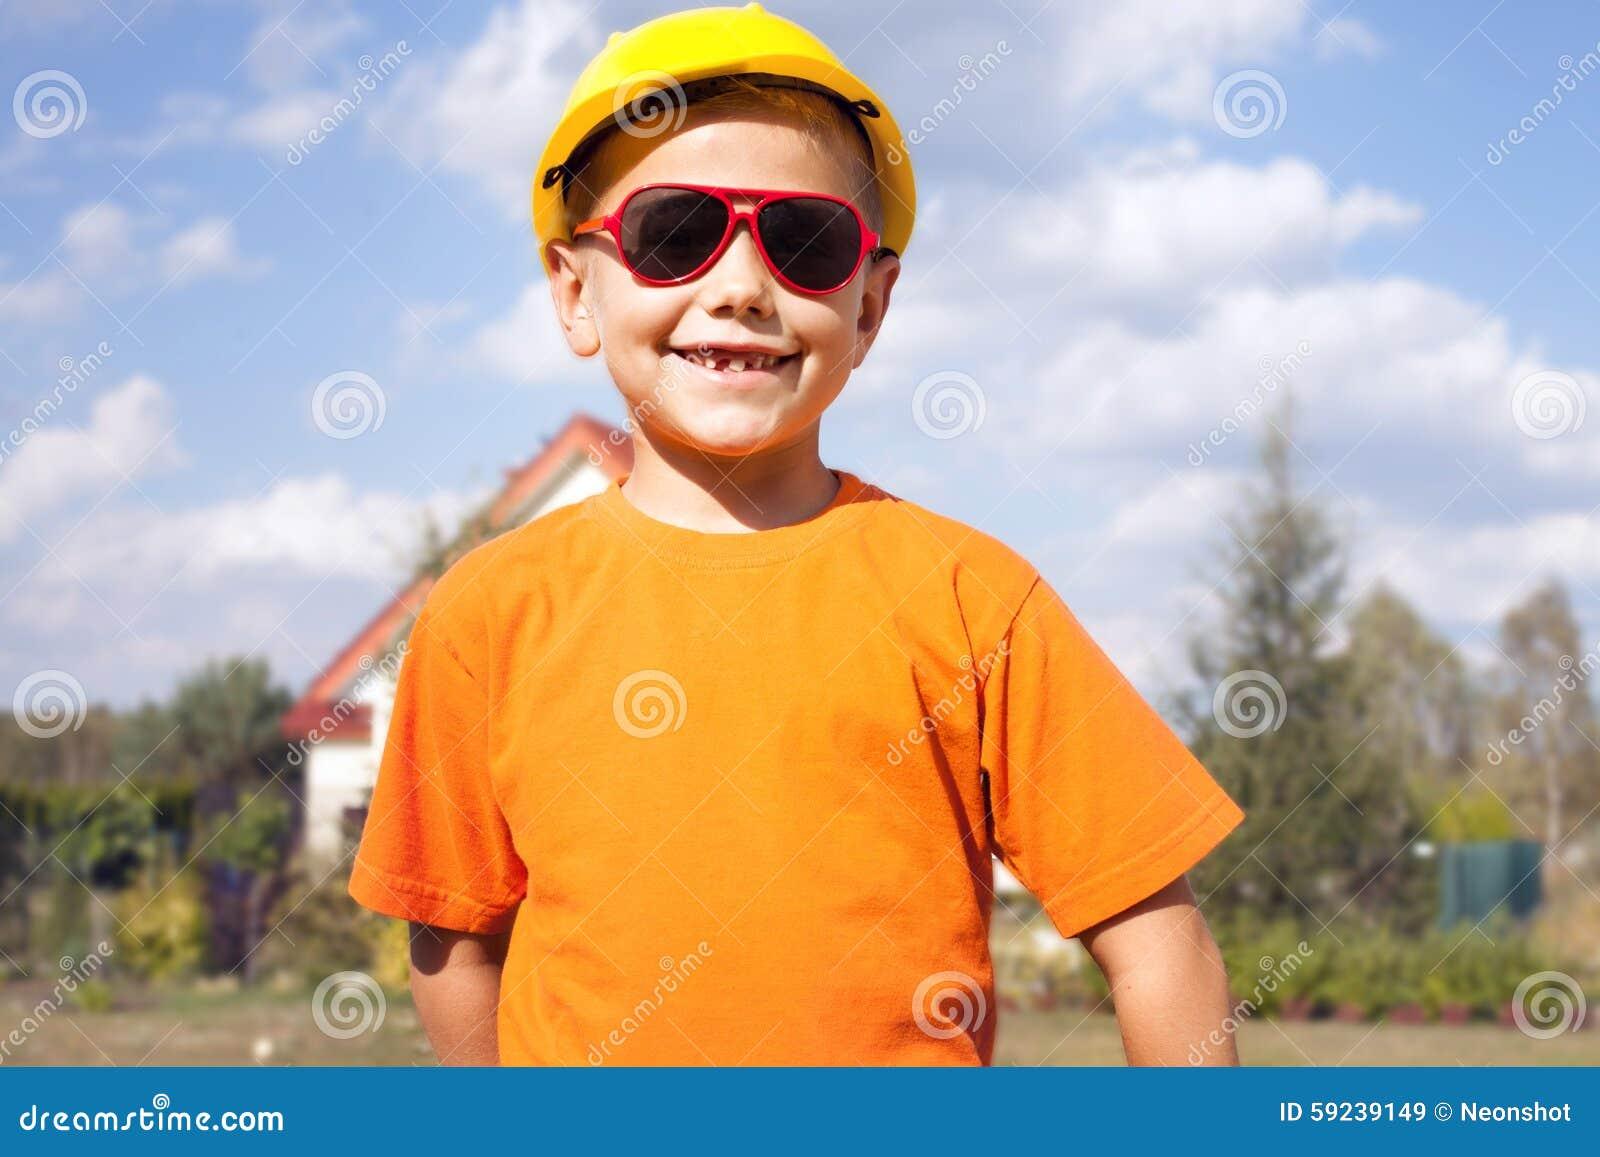 Download Poco Trabajador De Construcción Imagen de archivo - Imagen de arquitecto, alegre: 59239149